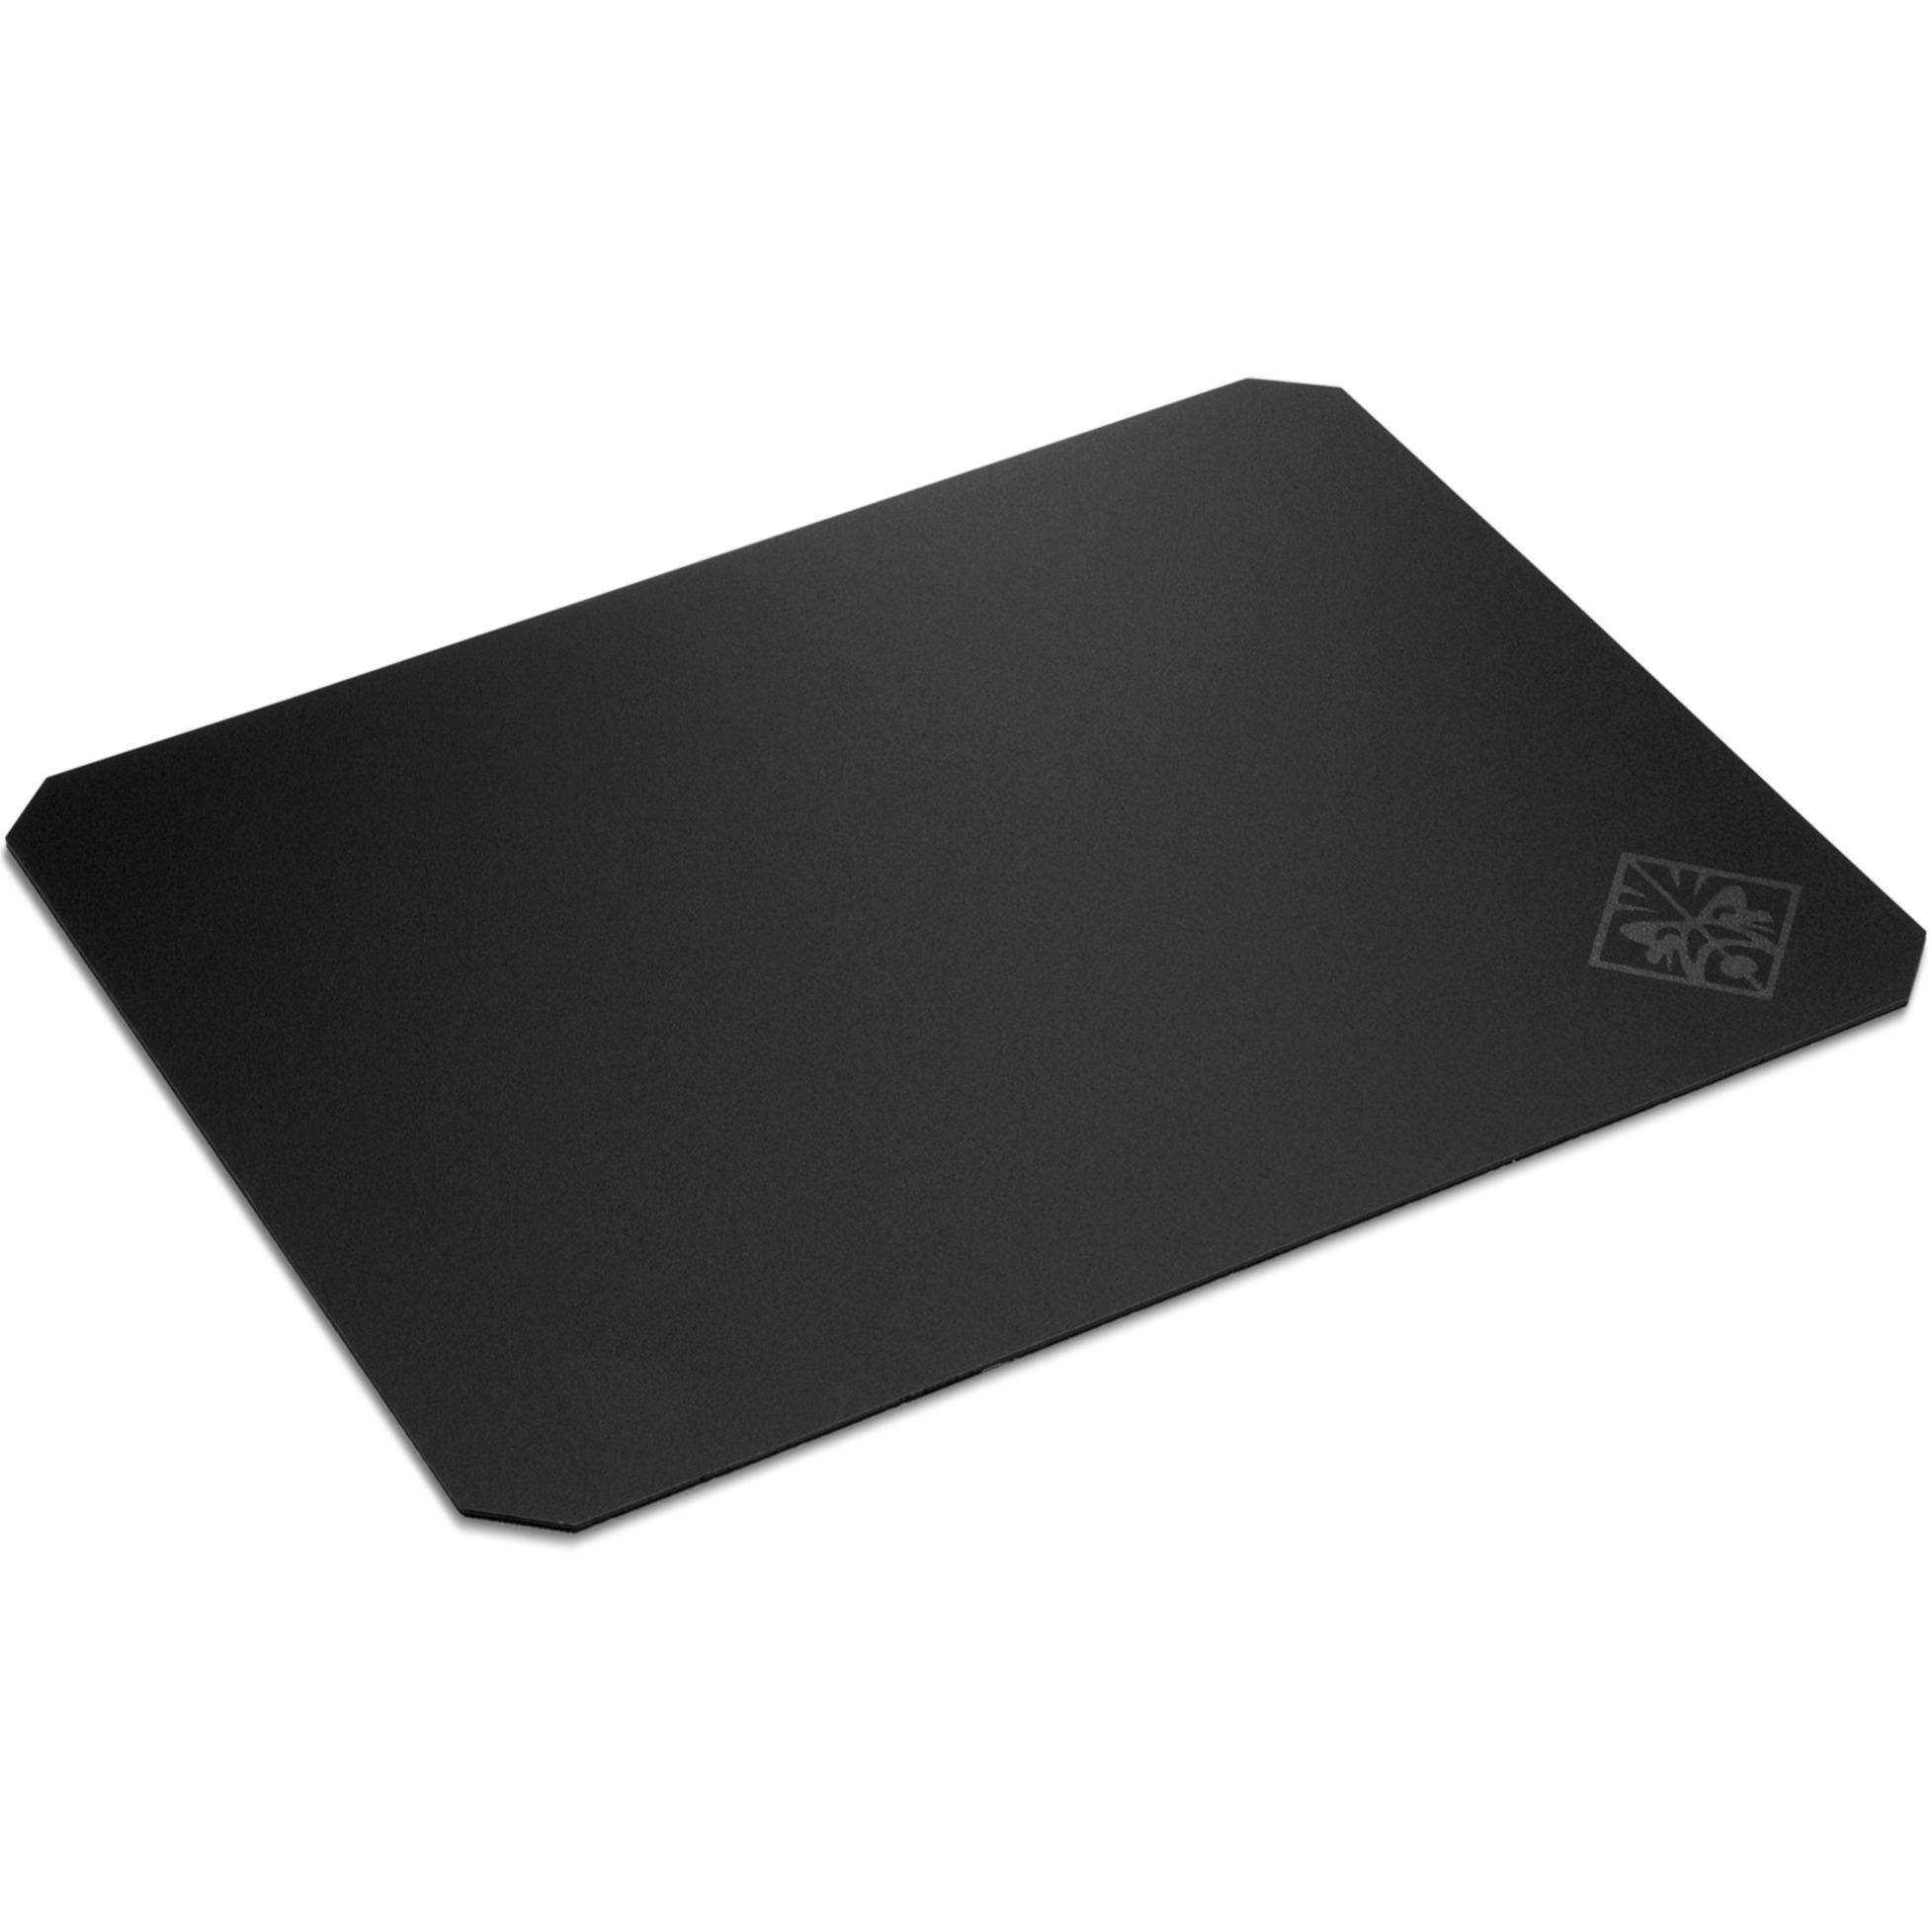 OMEN Hard Mouse Pad 200 Negro Alfombrilla de ratón para juegos